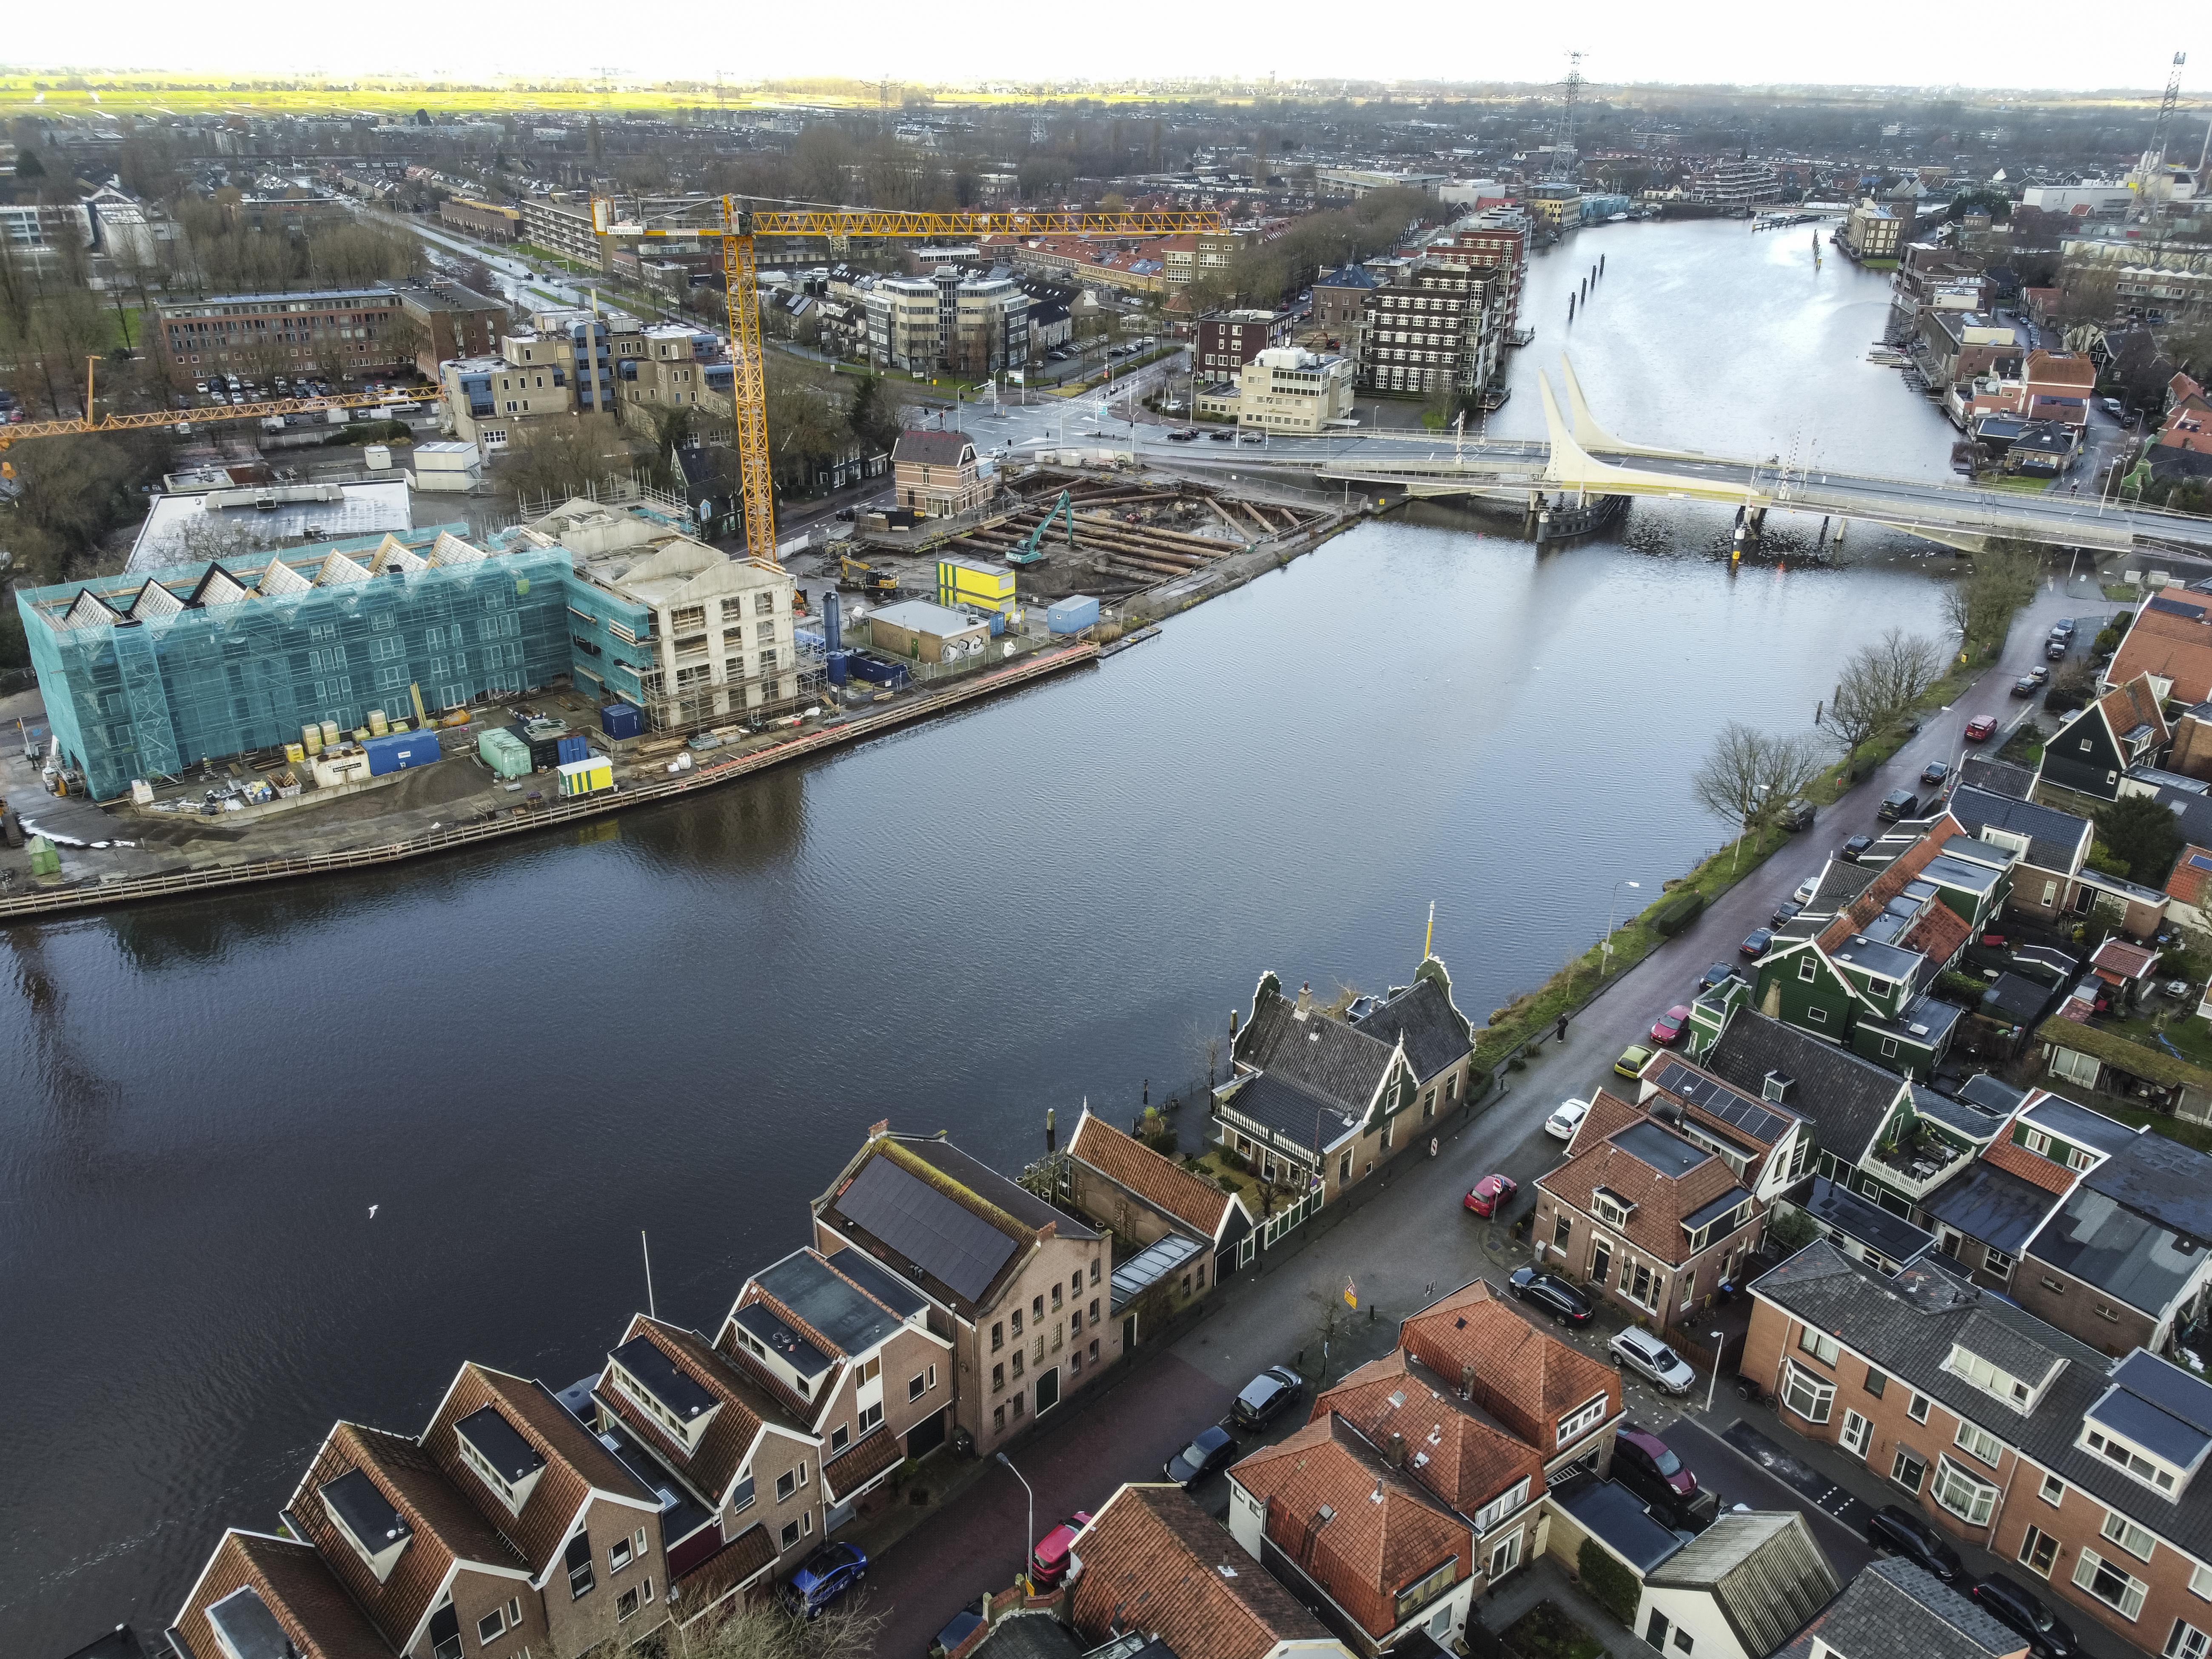 'Vol gas' wordt gebouwd aan De Industrieel, op het voormalige gasterrein langs de Zaan [luchtfoto]